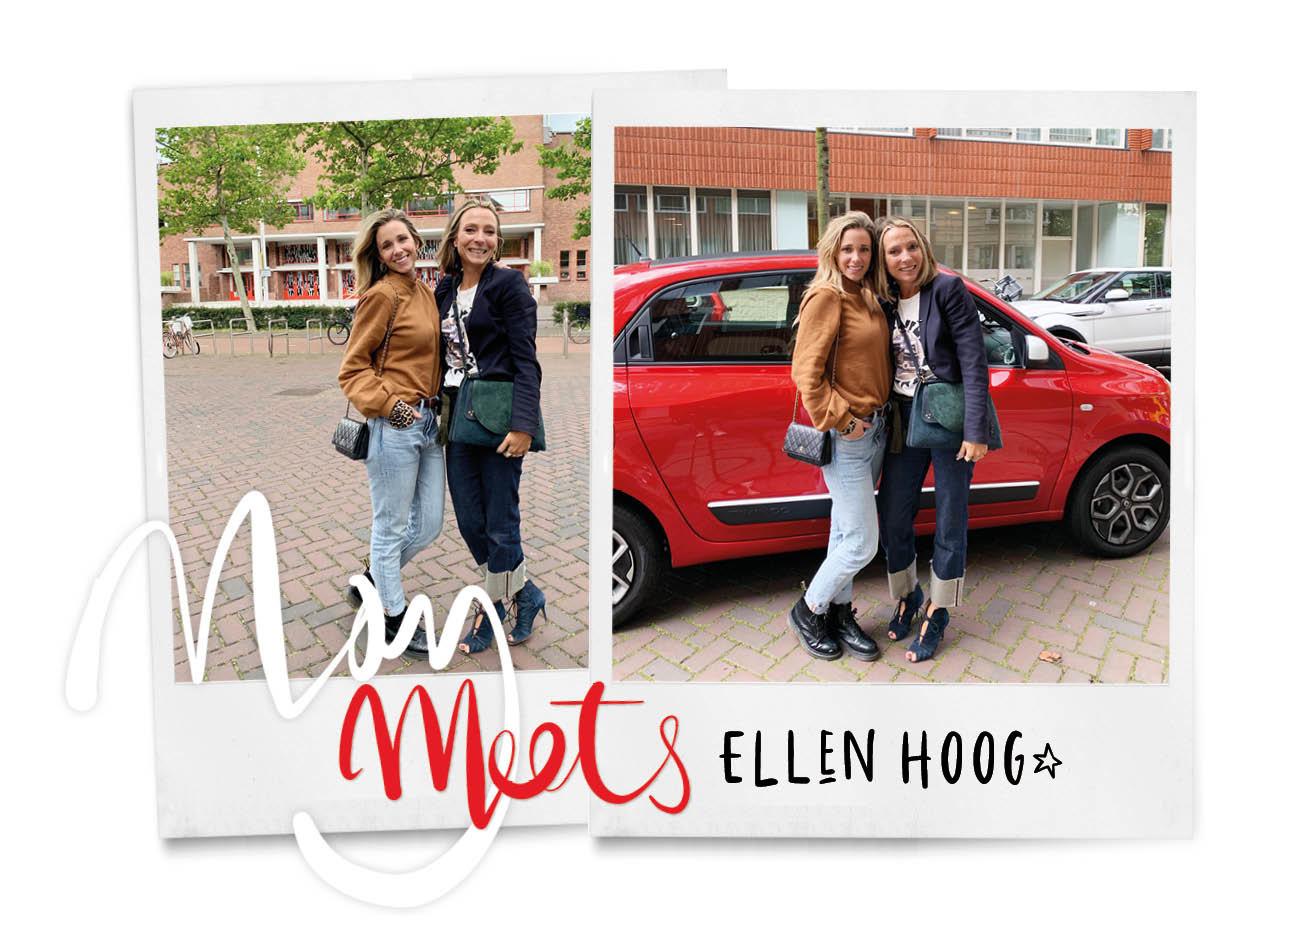 May meets Renault Ellen hoog bij stationplein chanel tas en jeans van denham aan